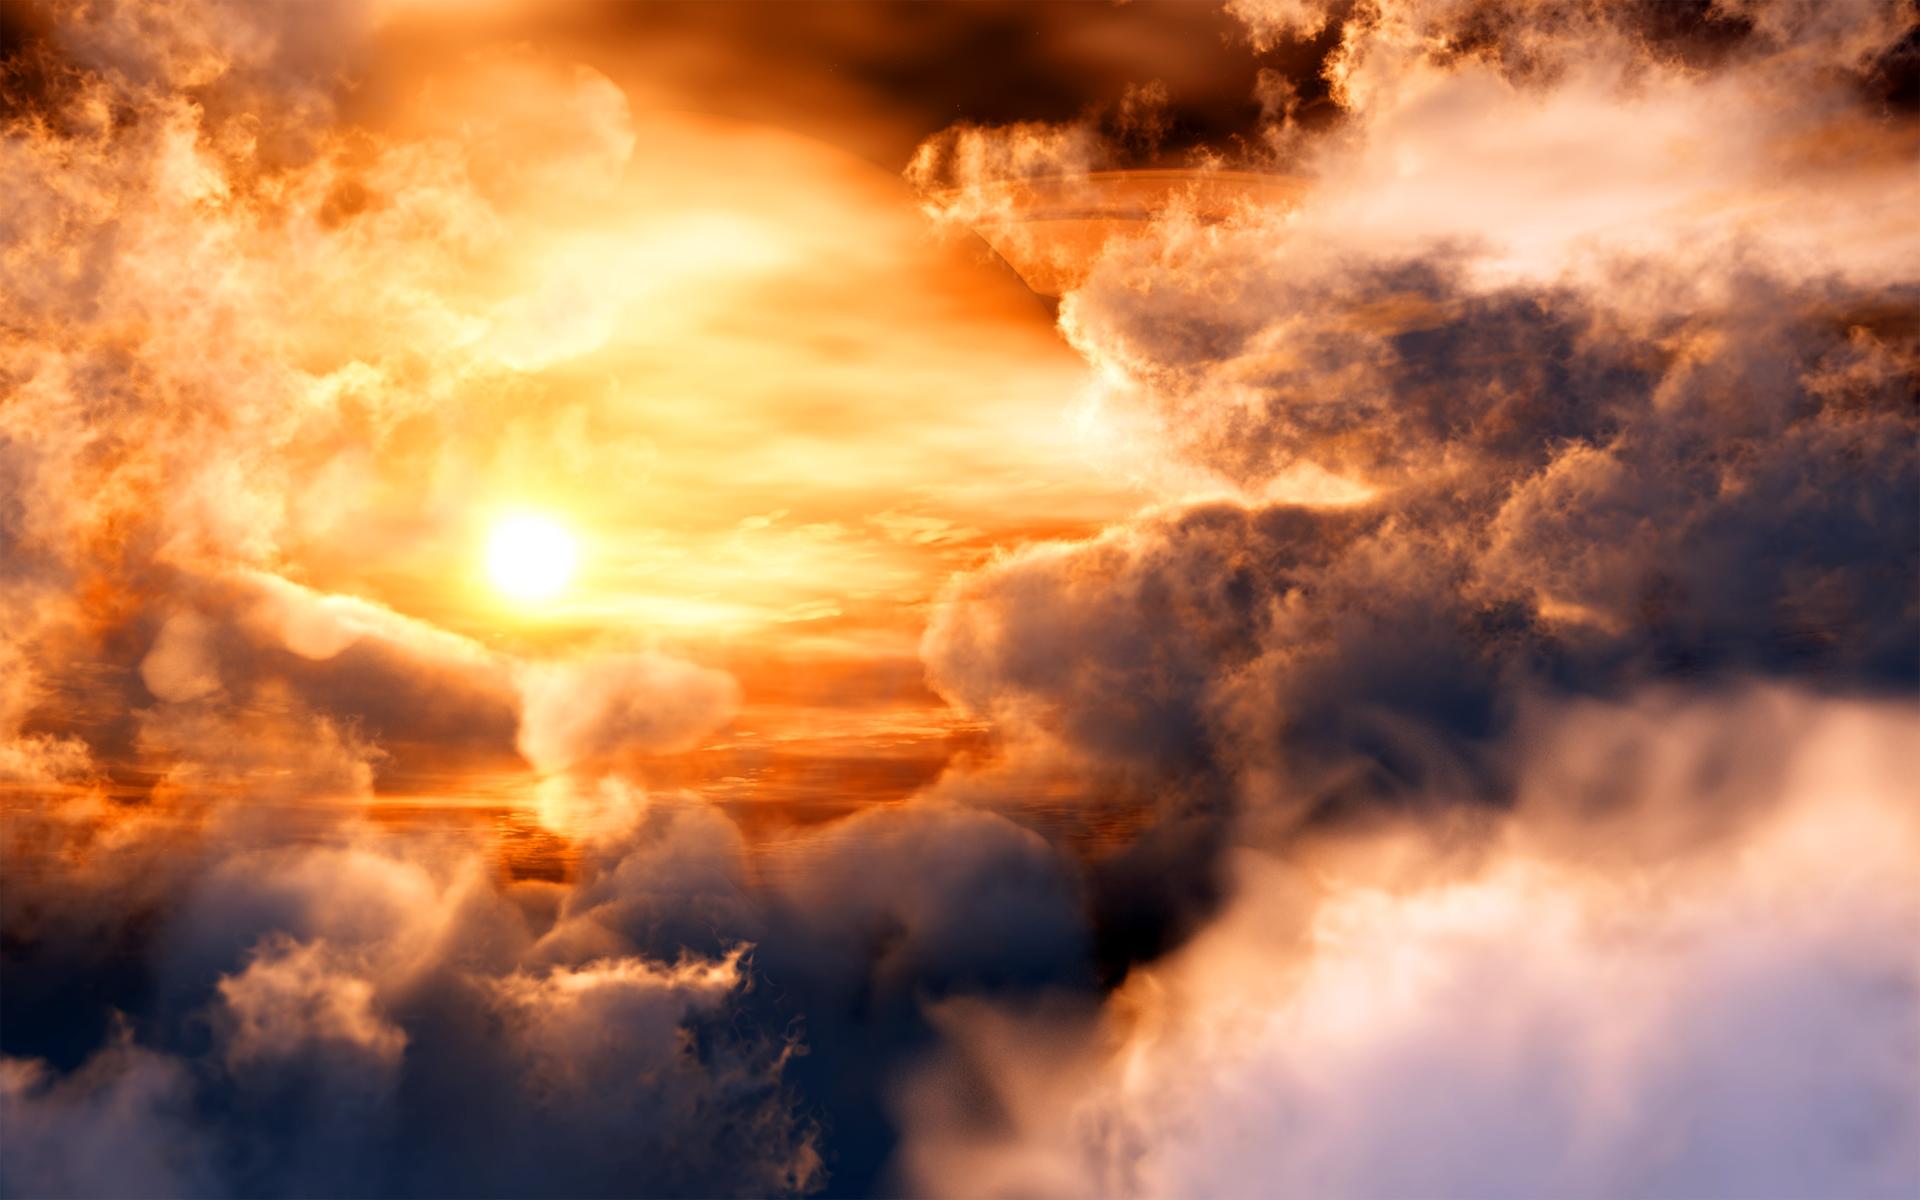 солнце в тучах, скачать обои для рабочего стола, фото, облака